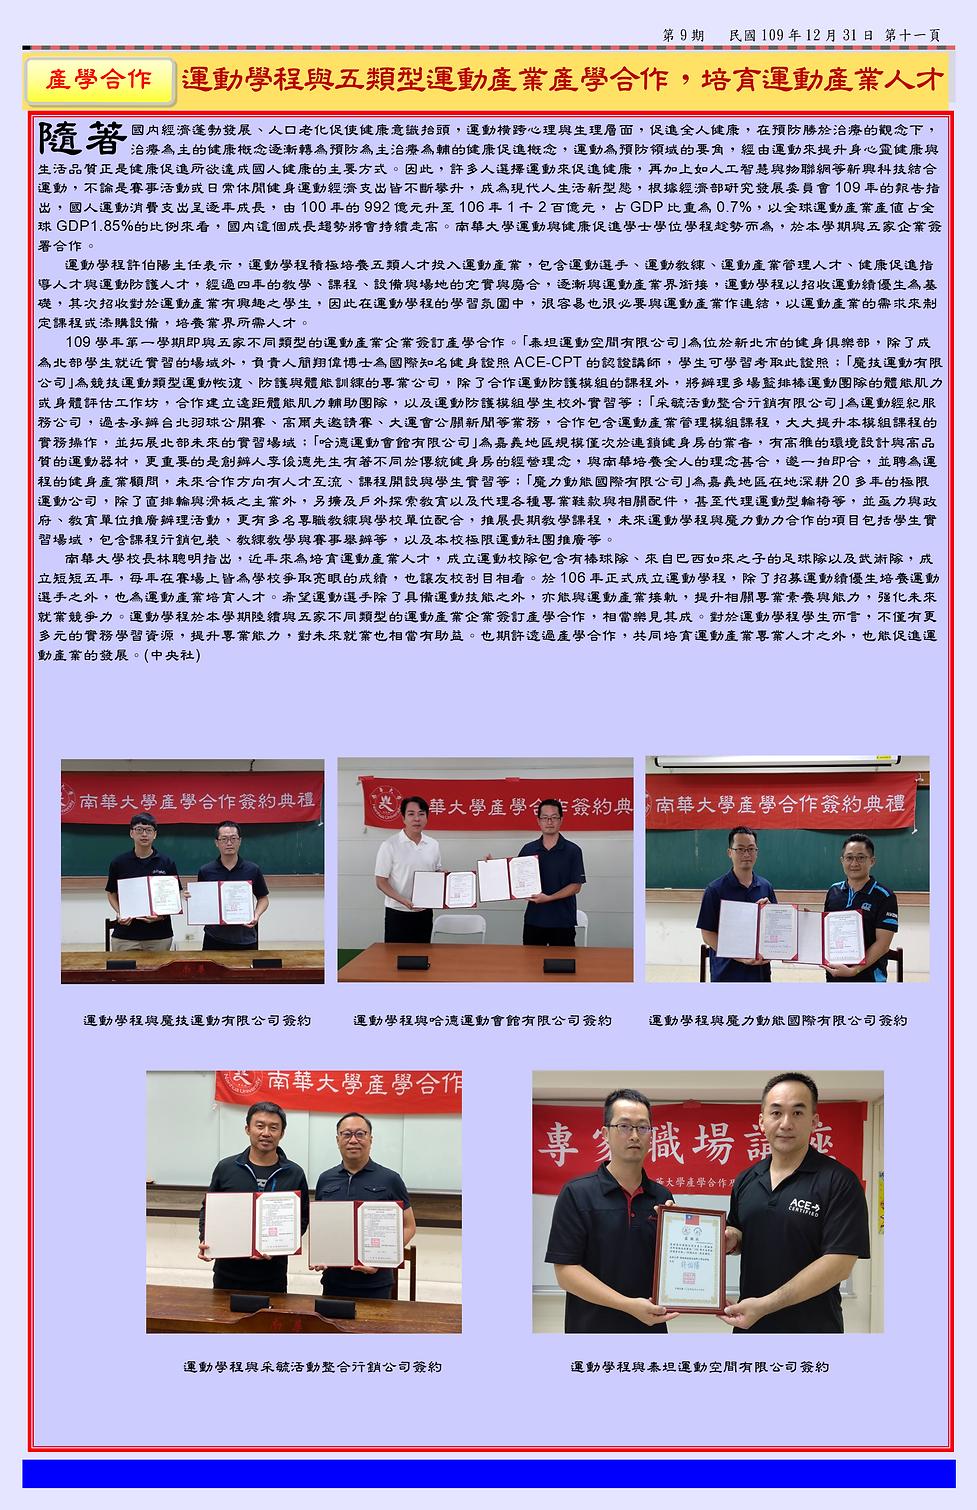 運程季刊09-11.png